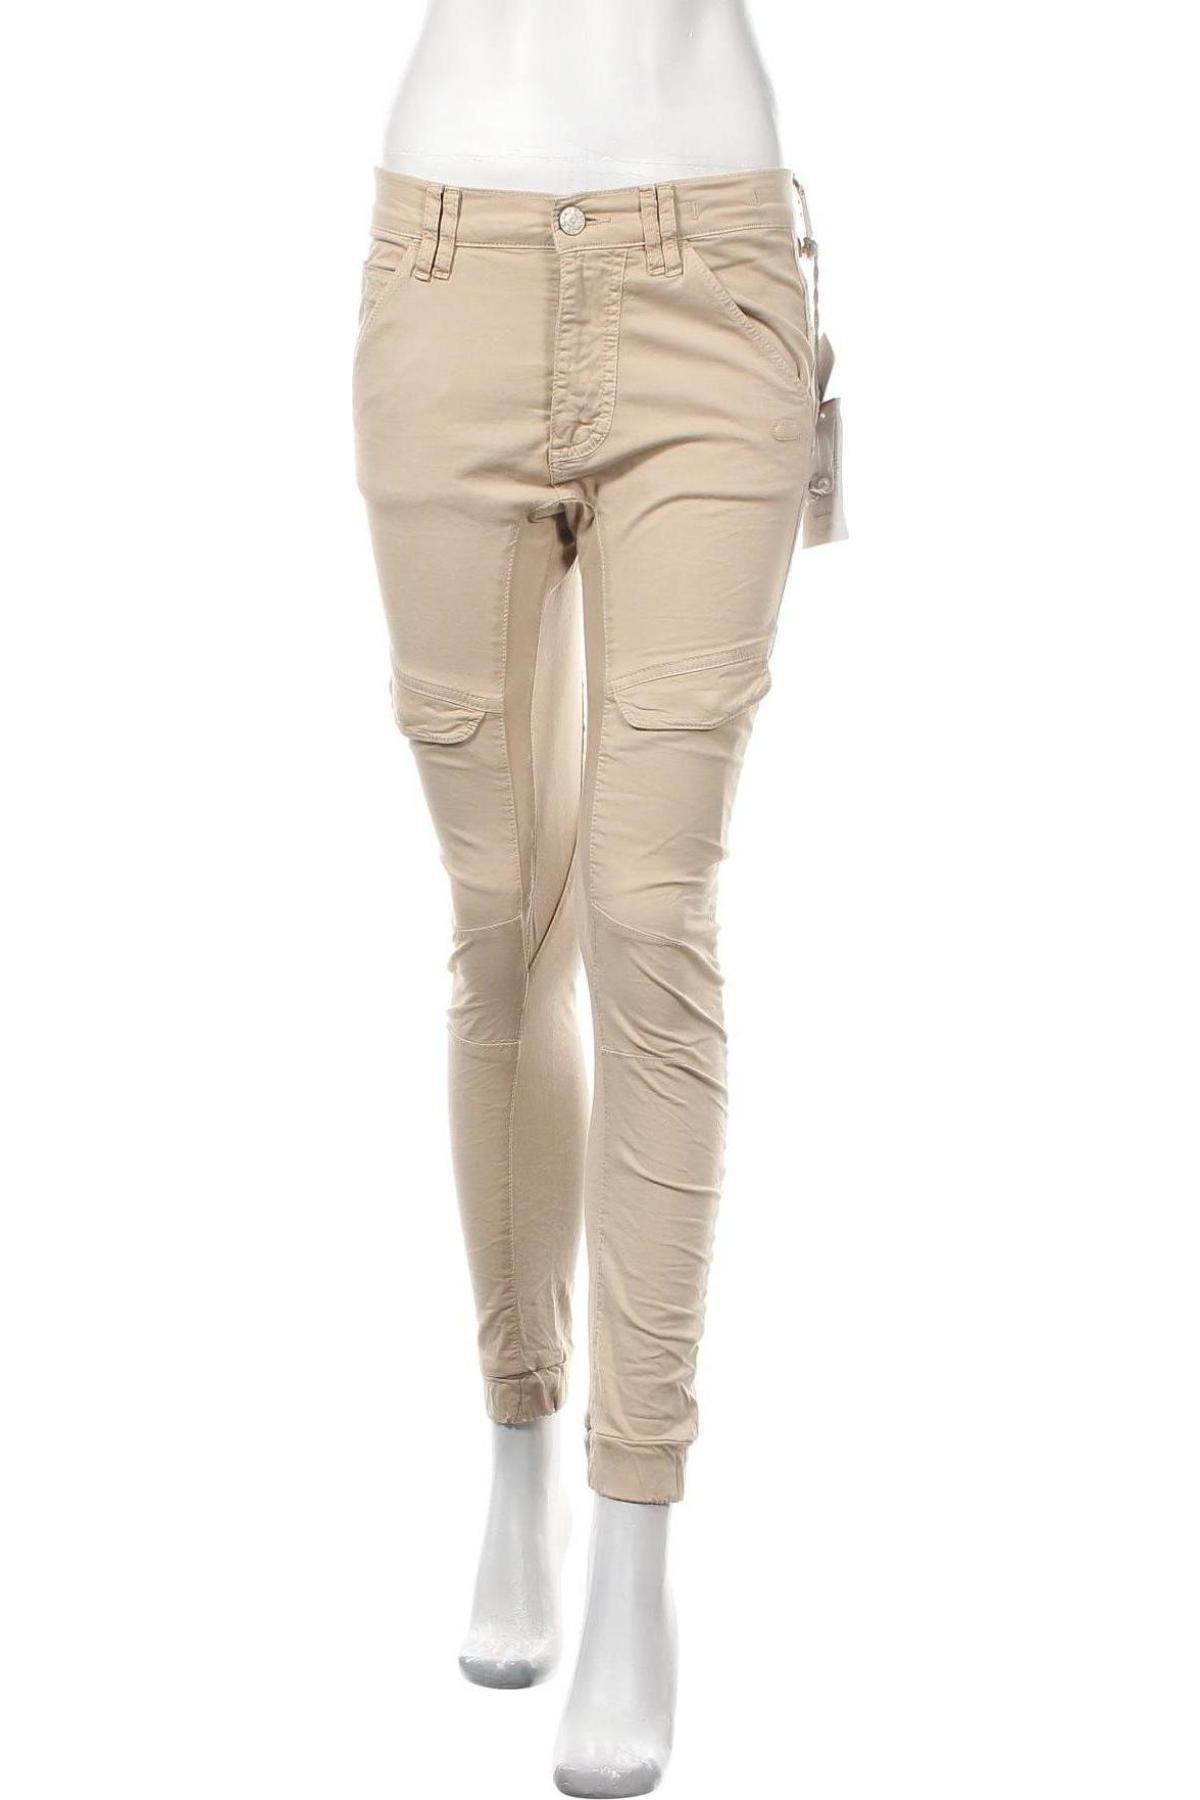 Дамски панталон Gang, Размер S, Цвят Бежов, 97% памук, 3% еластан, Цена 141,75лв.